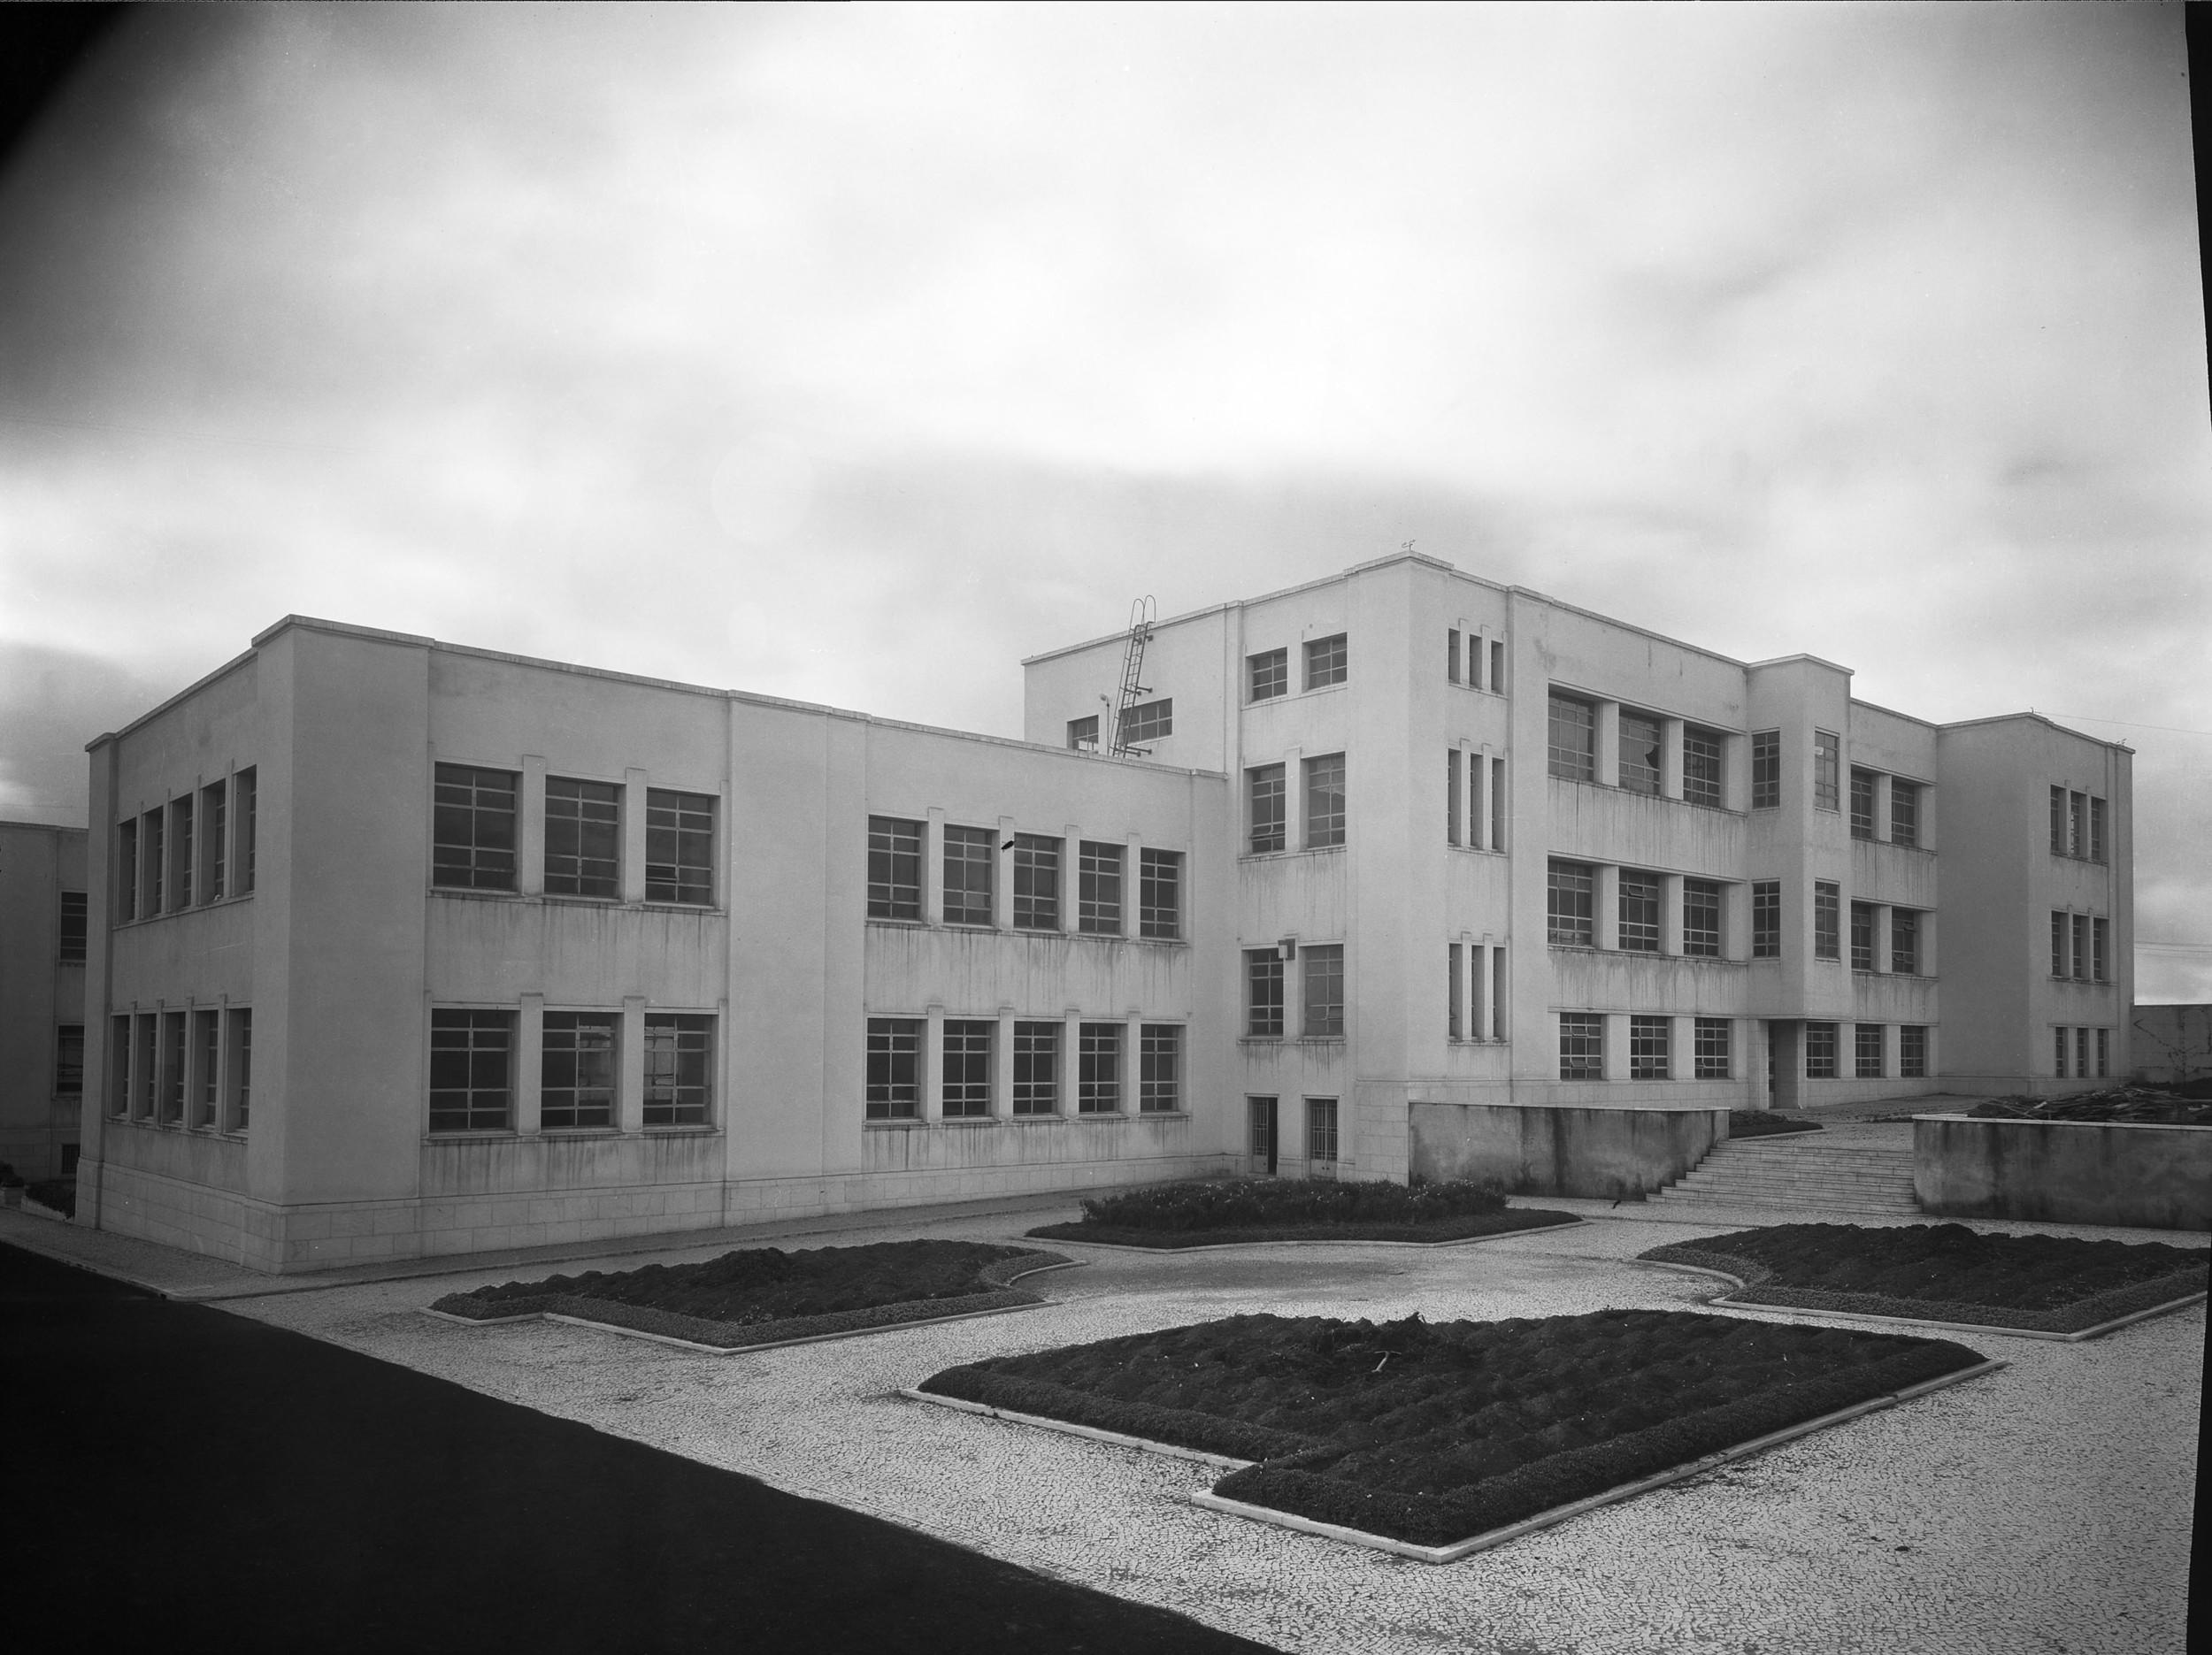 Instituto Superior Técnico, Lisbon  Photo: Mário Novais, ca. 1936-37, Lisbon  Biblioteca de Arte da Fundação Calouste Gulbenkian [CFT003_100955]